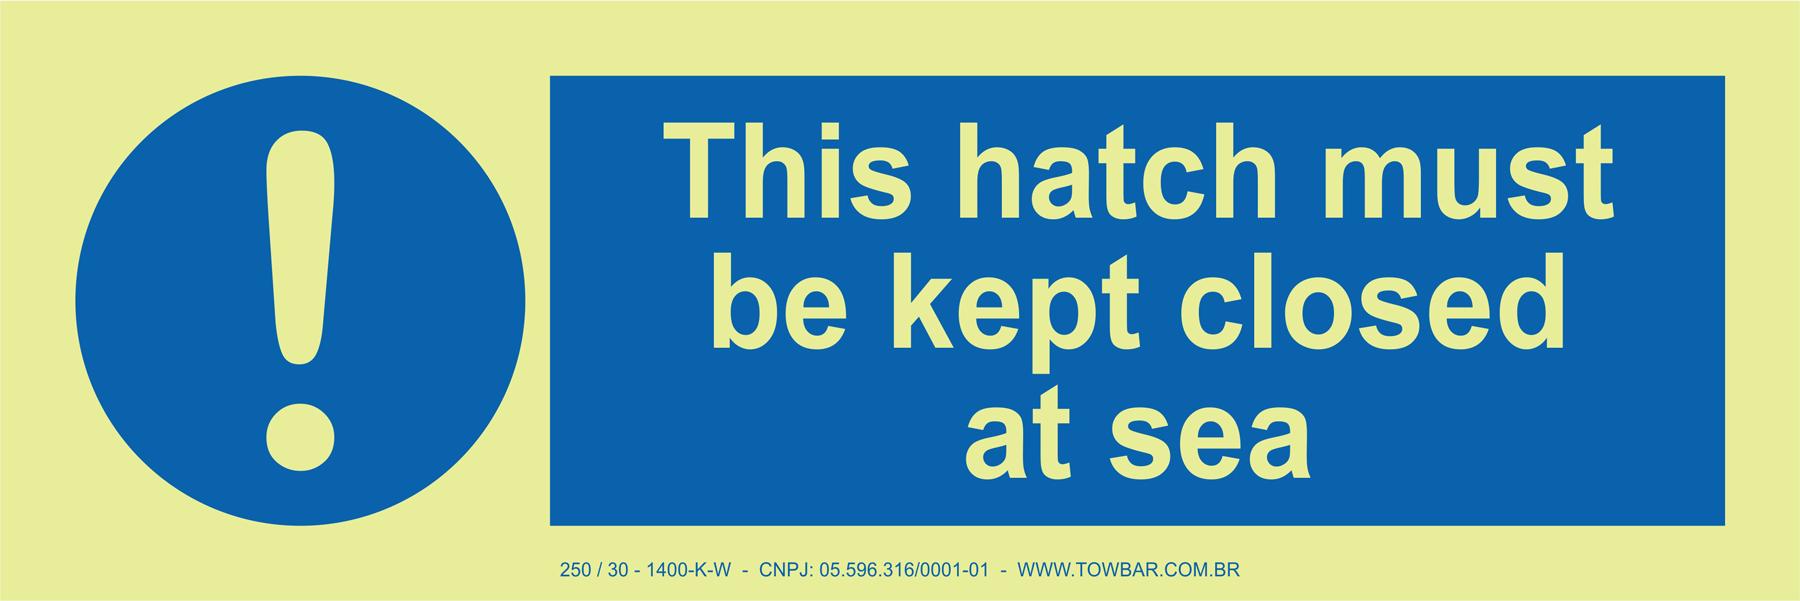 This Hatch Must be Kept Closed at Sea  - Towbar Sinalização de Segurança